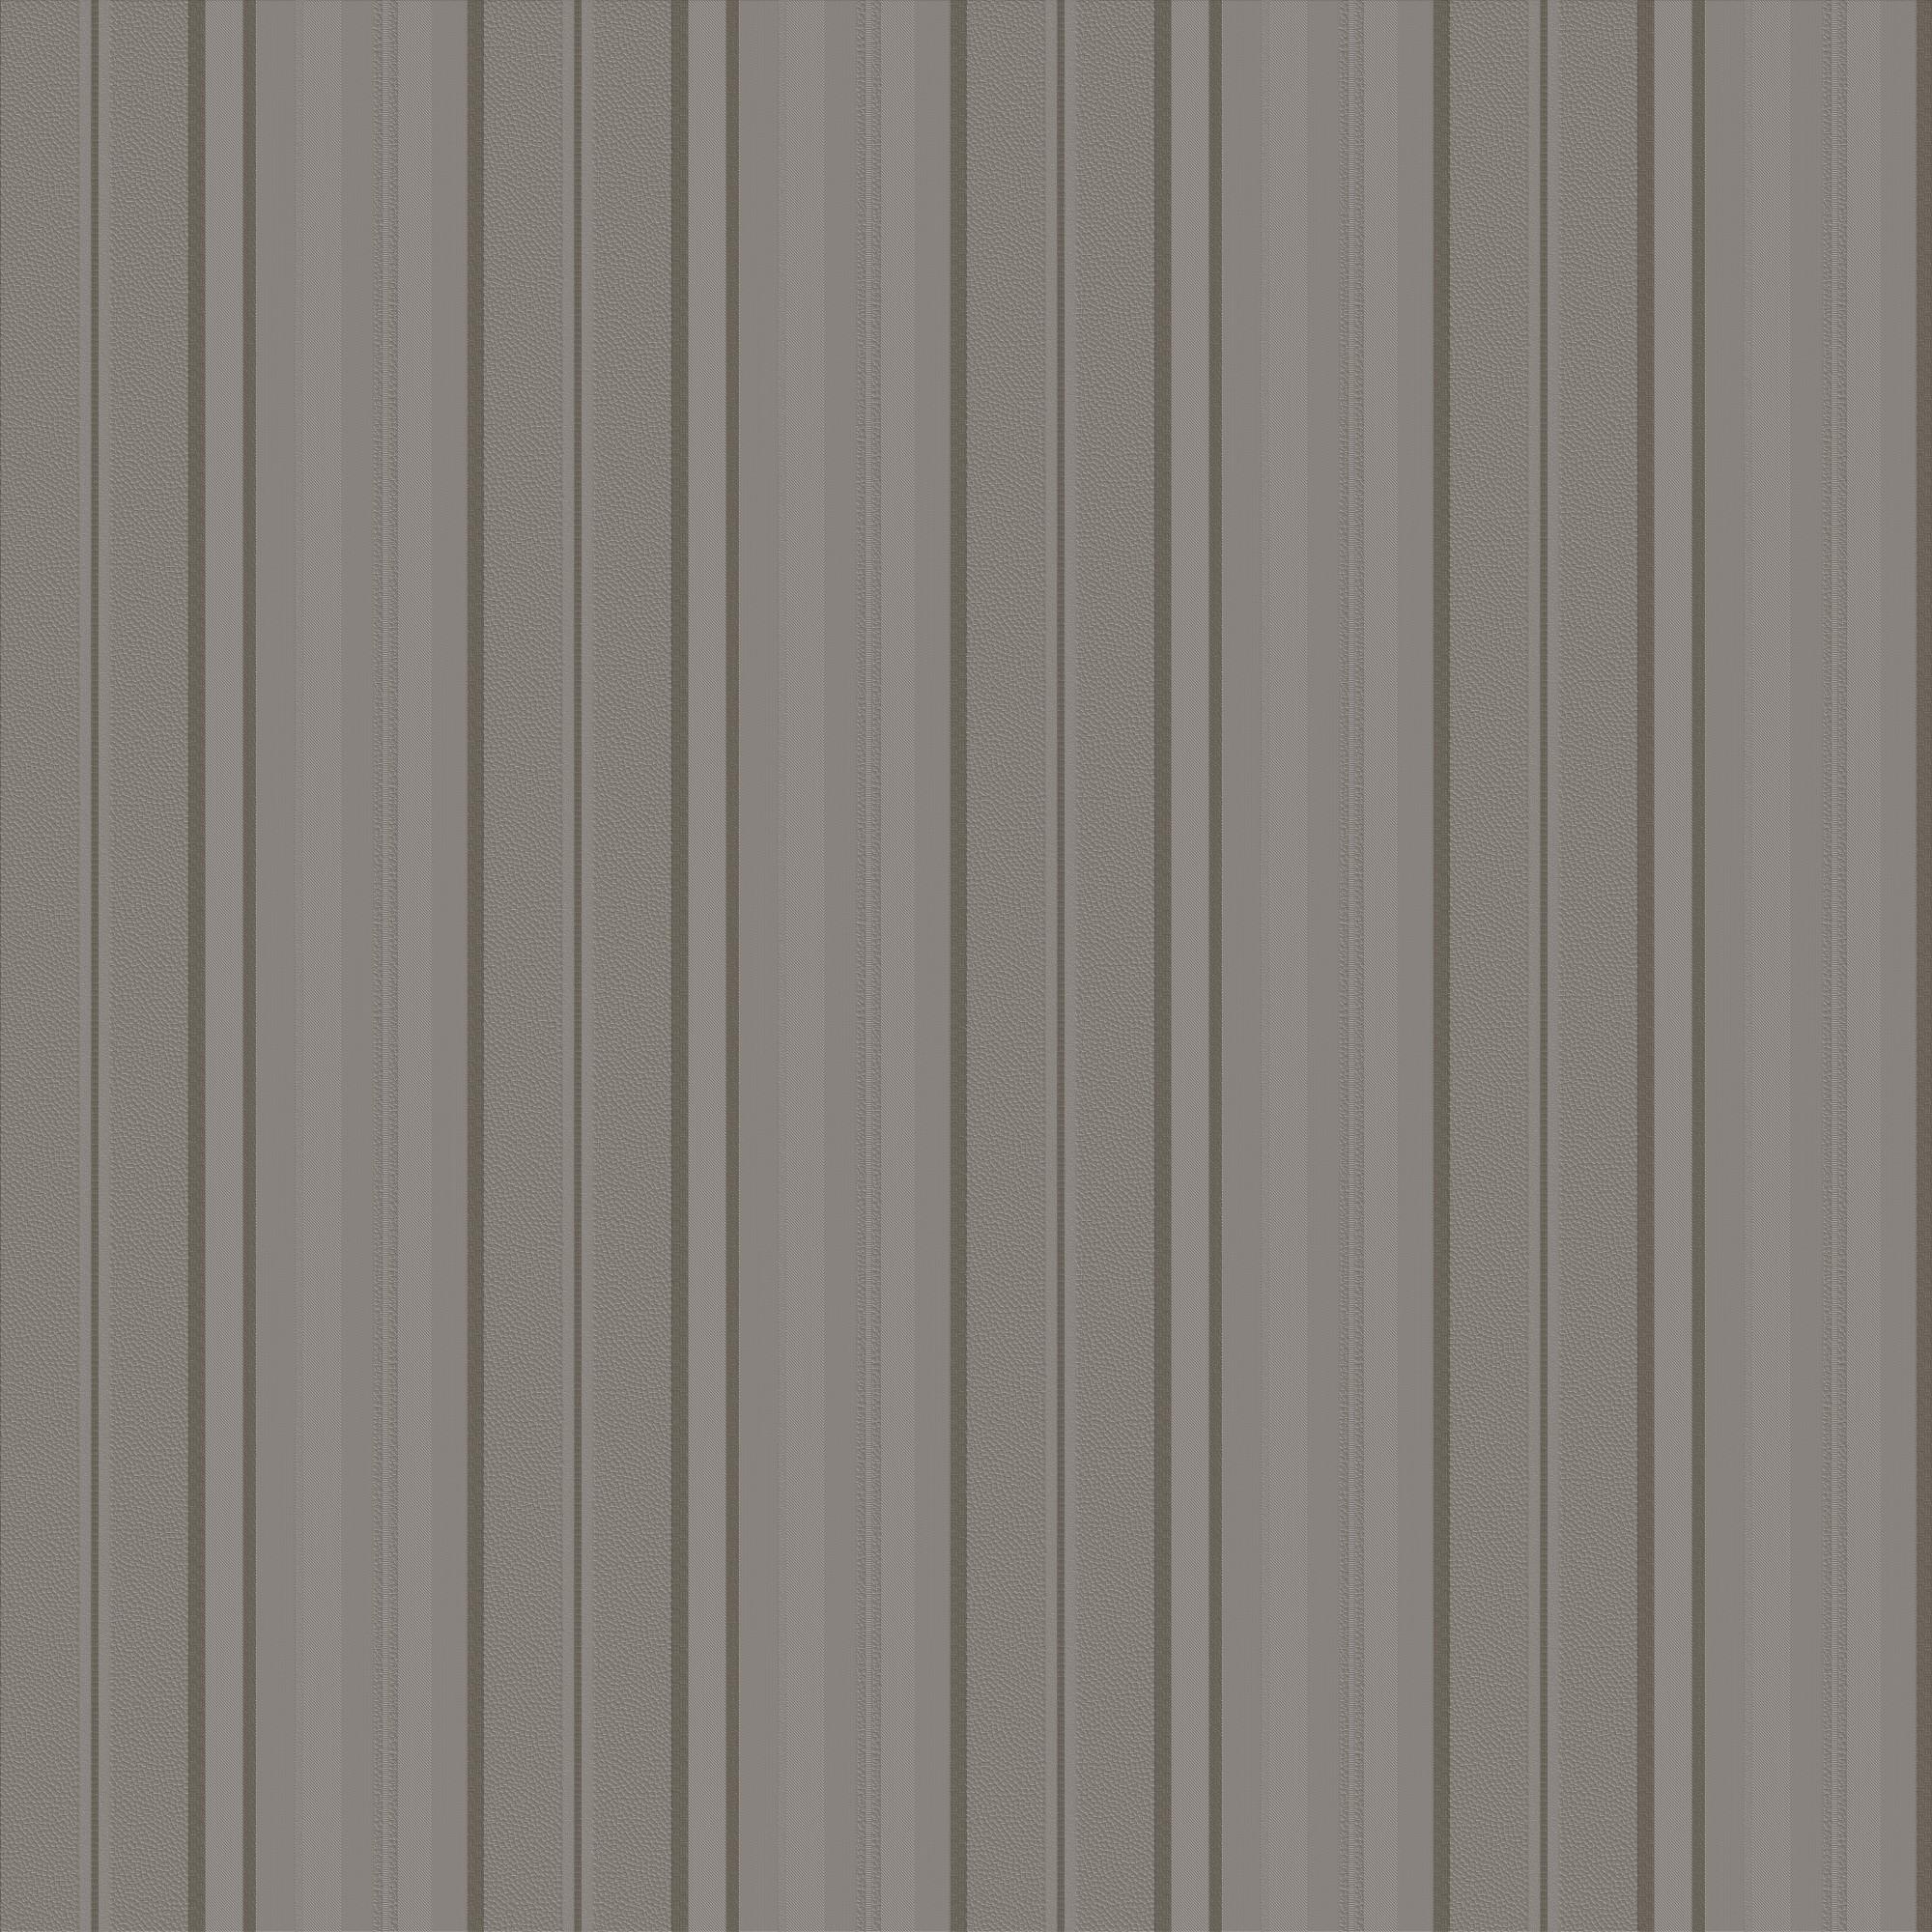 Papel de Parede 53cm x 10m PVC Texturizado Ewiniar 1506 - Jolie